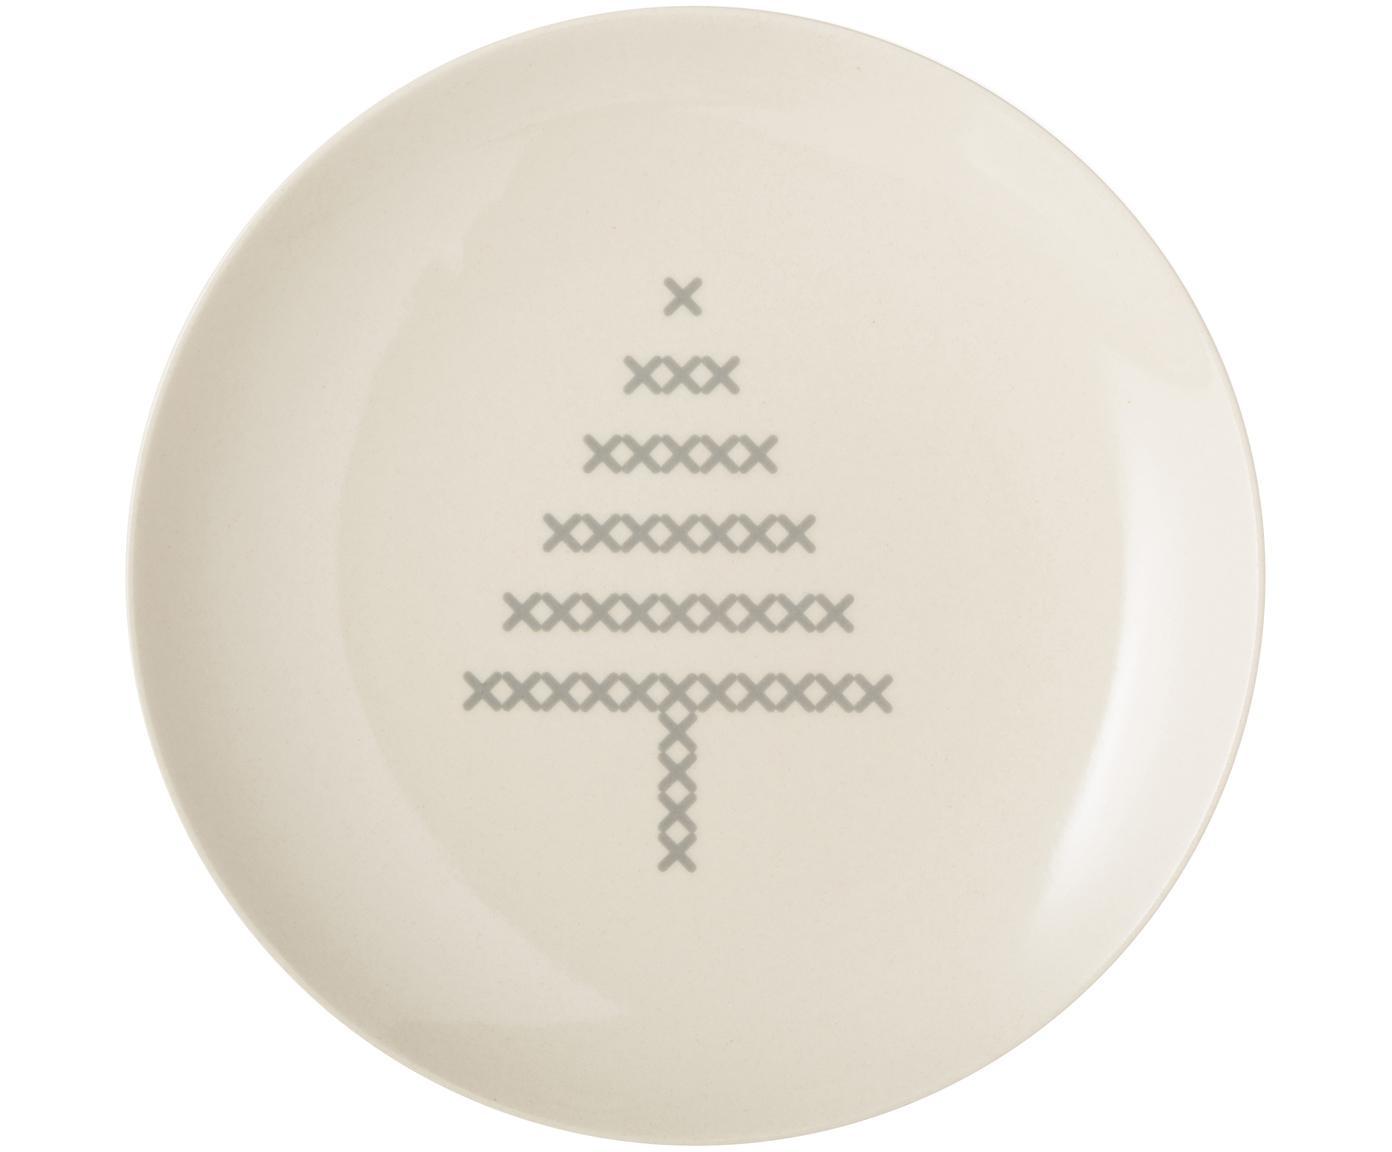 Brotteller Cross, Keramik, Gebrochenes Weiss, Grau, Ø 16 cm